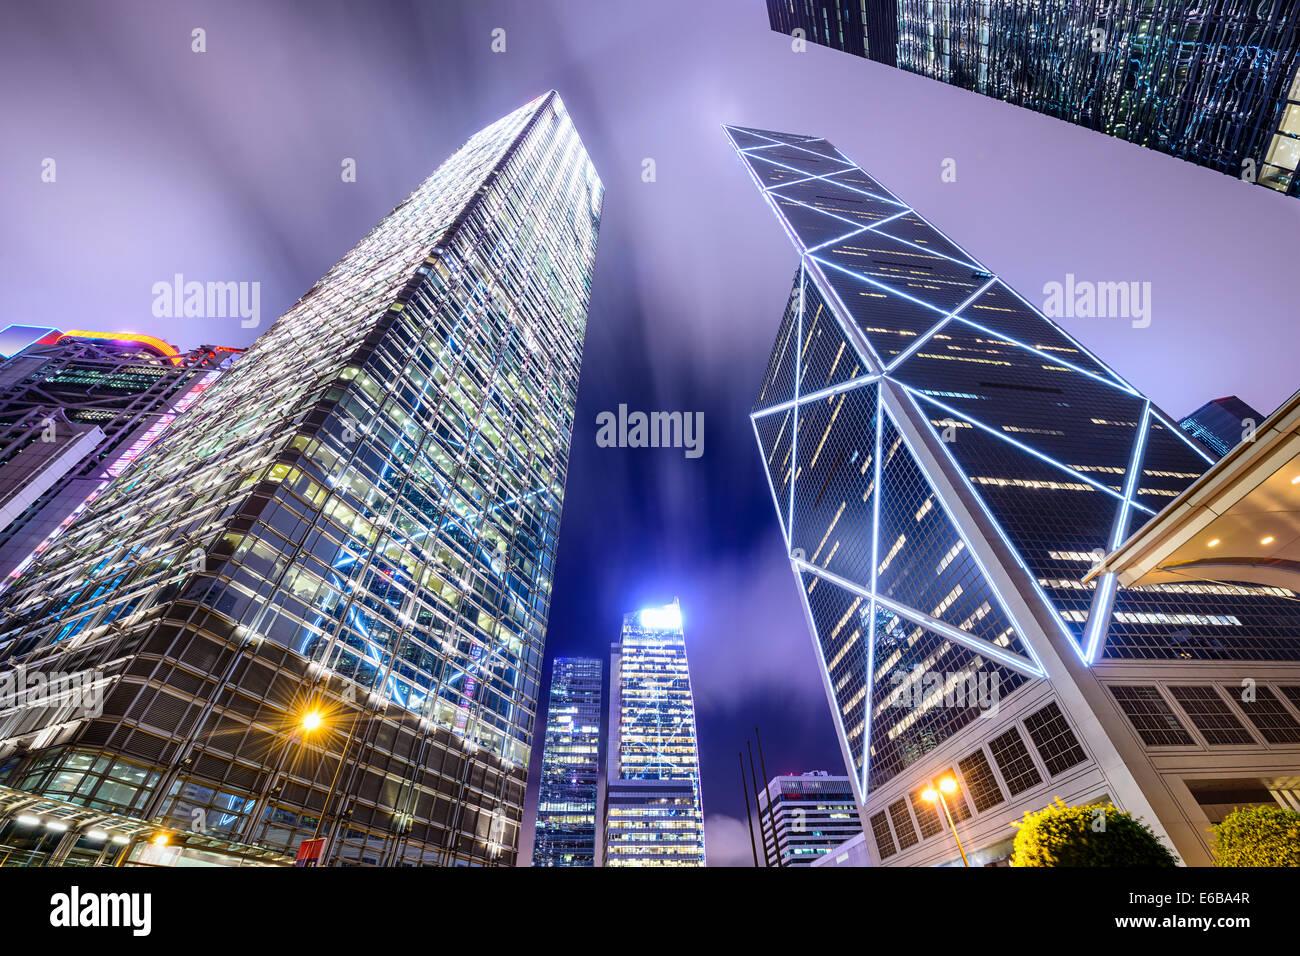 Hong Kong, China upward view of the CBD financial district. - Stock Image